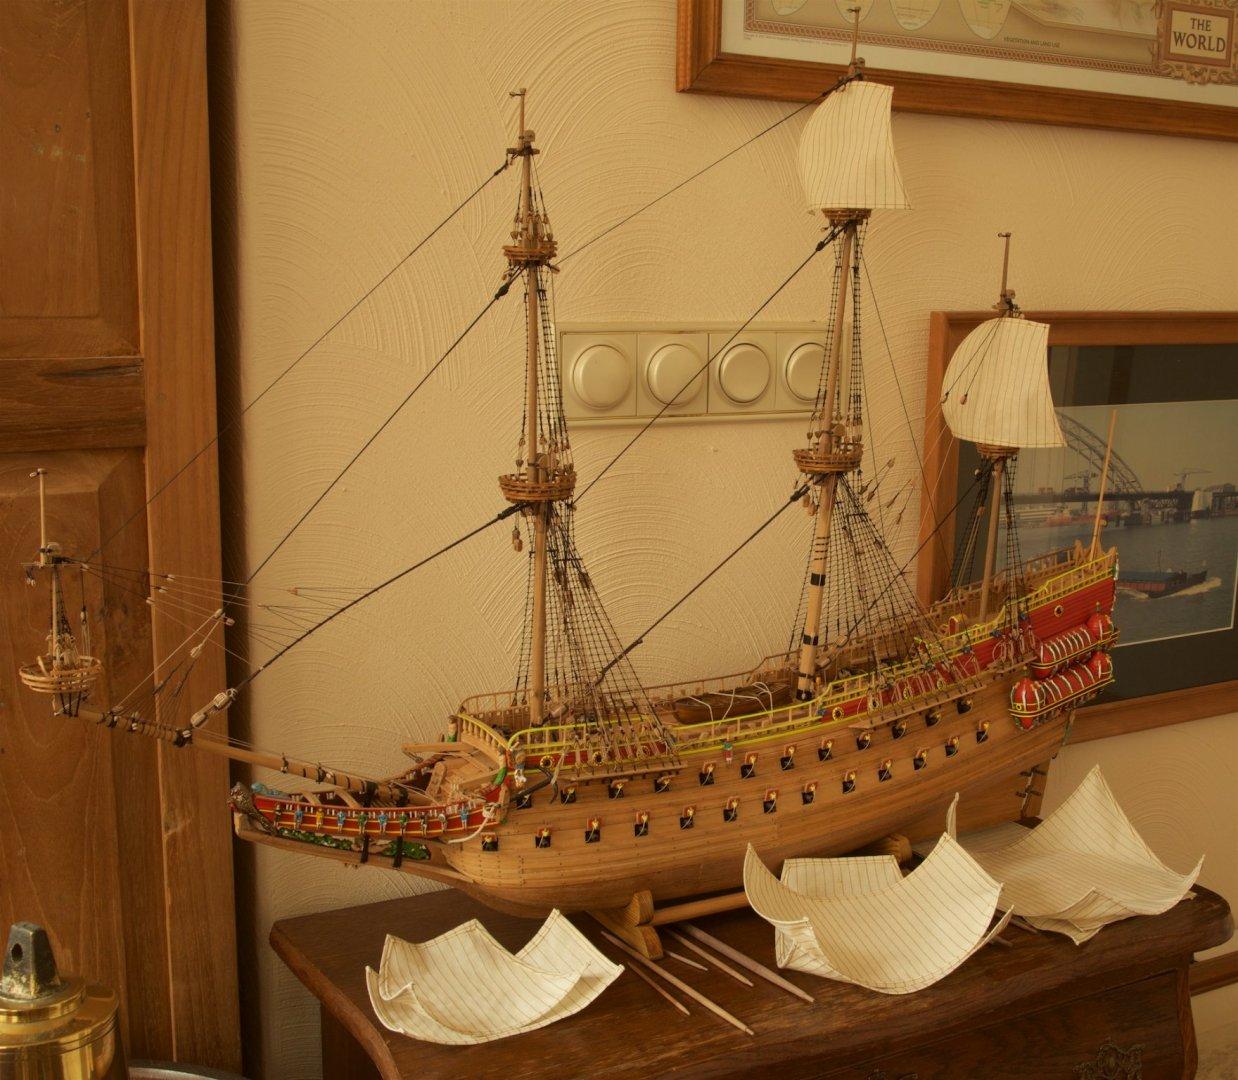 Wasa-sails_Andre_005_20201018.thumb.jpg.a5bb1de9d02bbe63b1b5d48d90a211b7.jpg